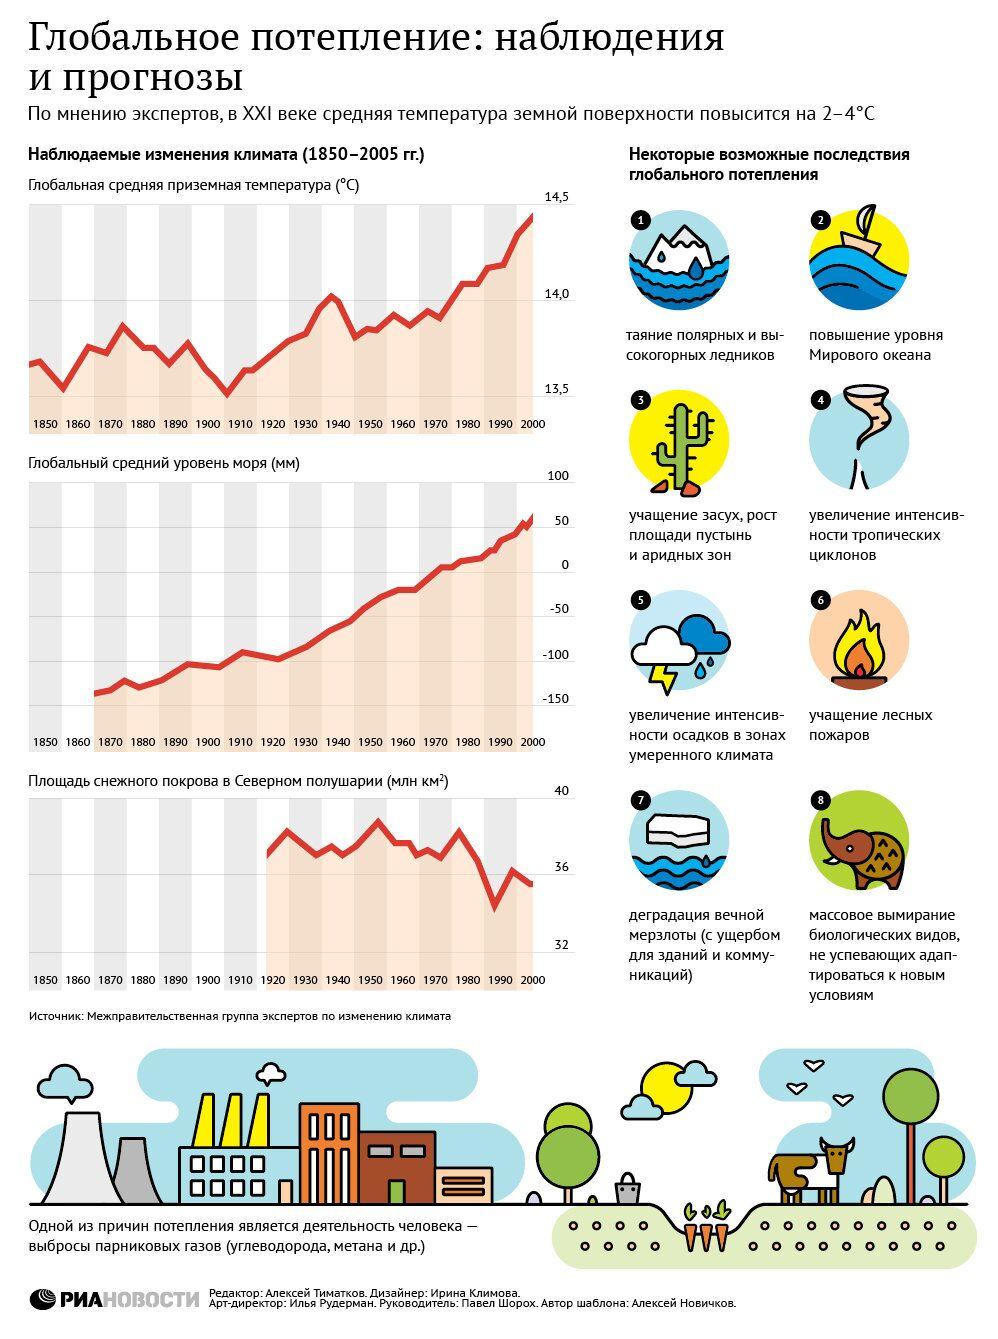 Глобальное потепление: наблюдения и прогнозы